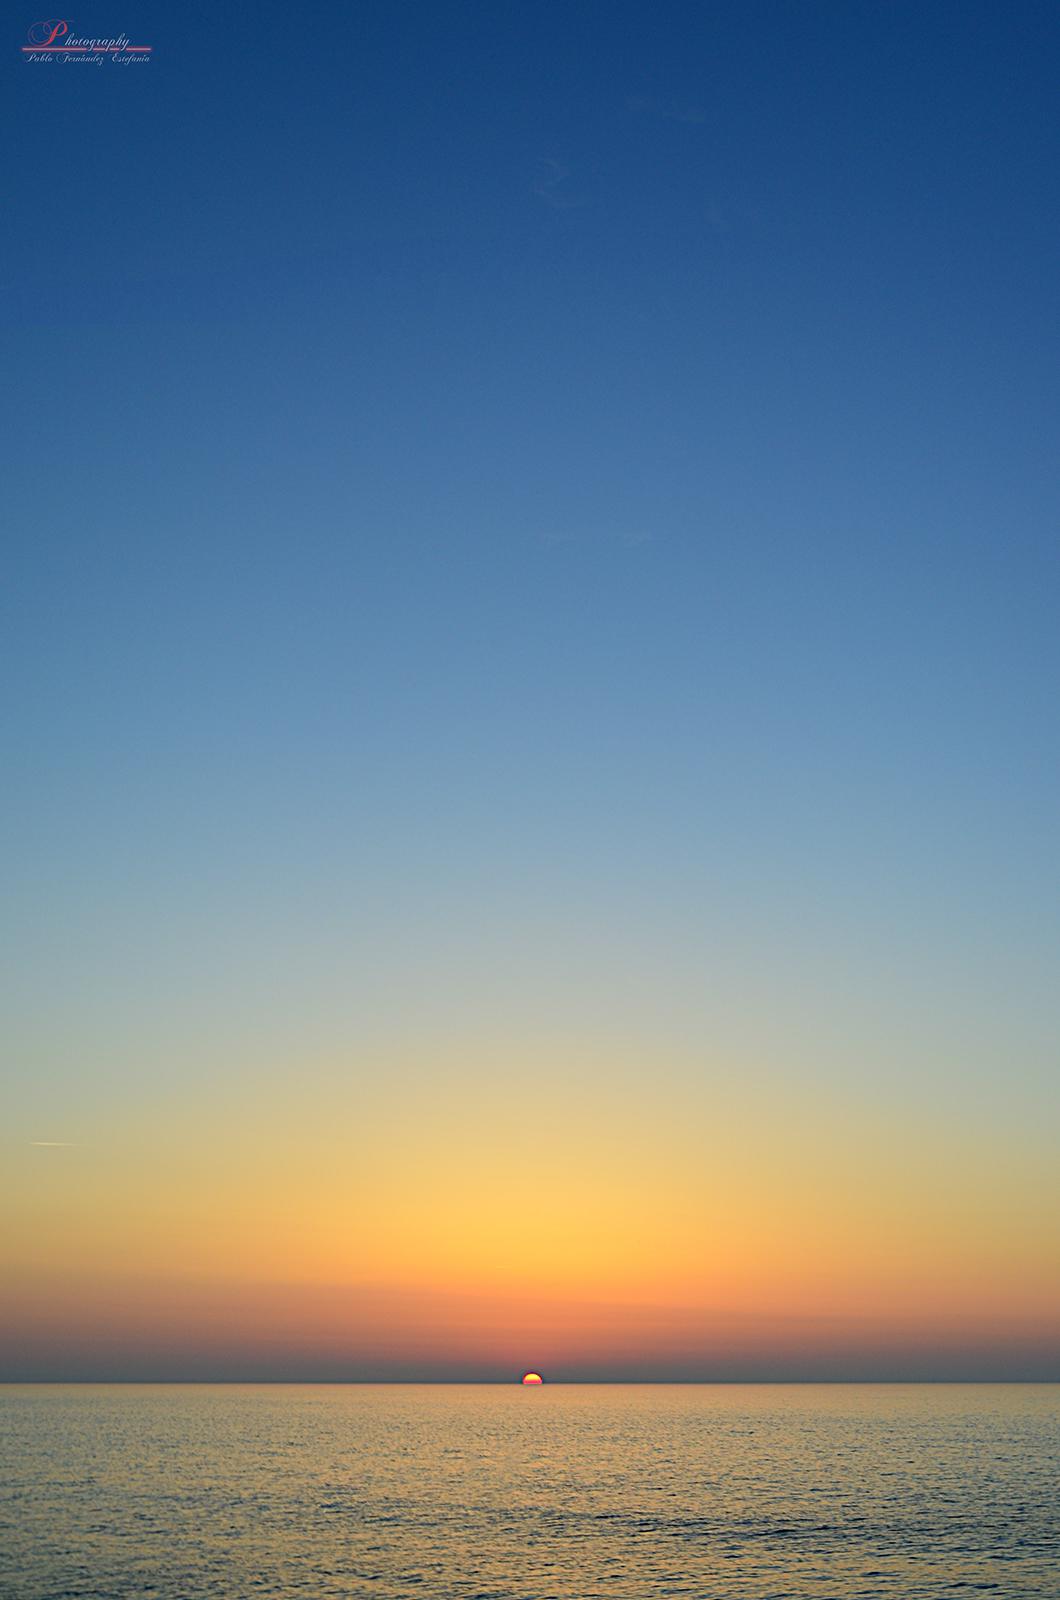 Hd Wallpaper Sea Beach Bidasoaldea的日出日落时间表 Bidasoaldea Gipuzkoa 西班牙 去何地